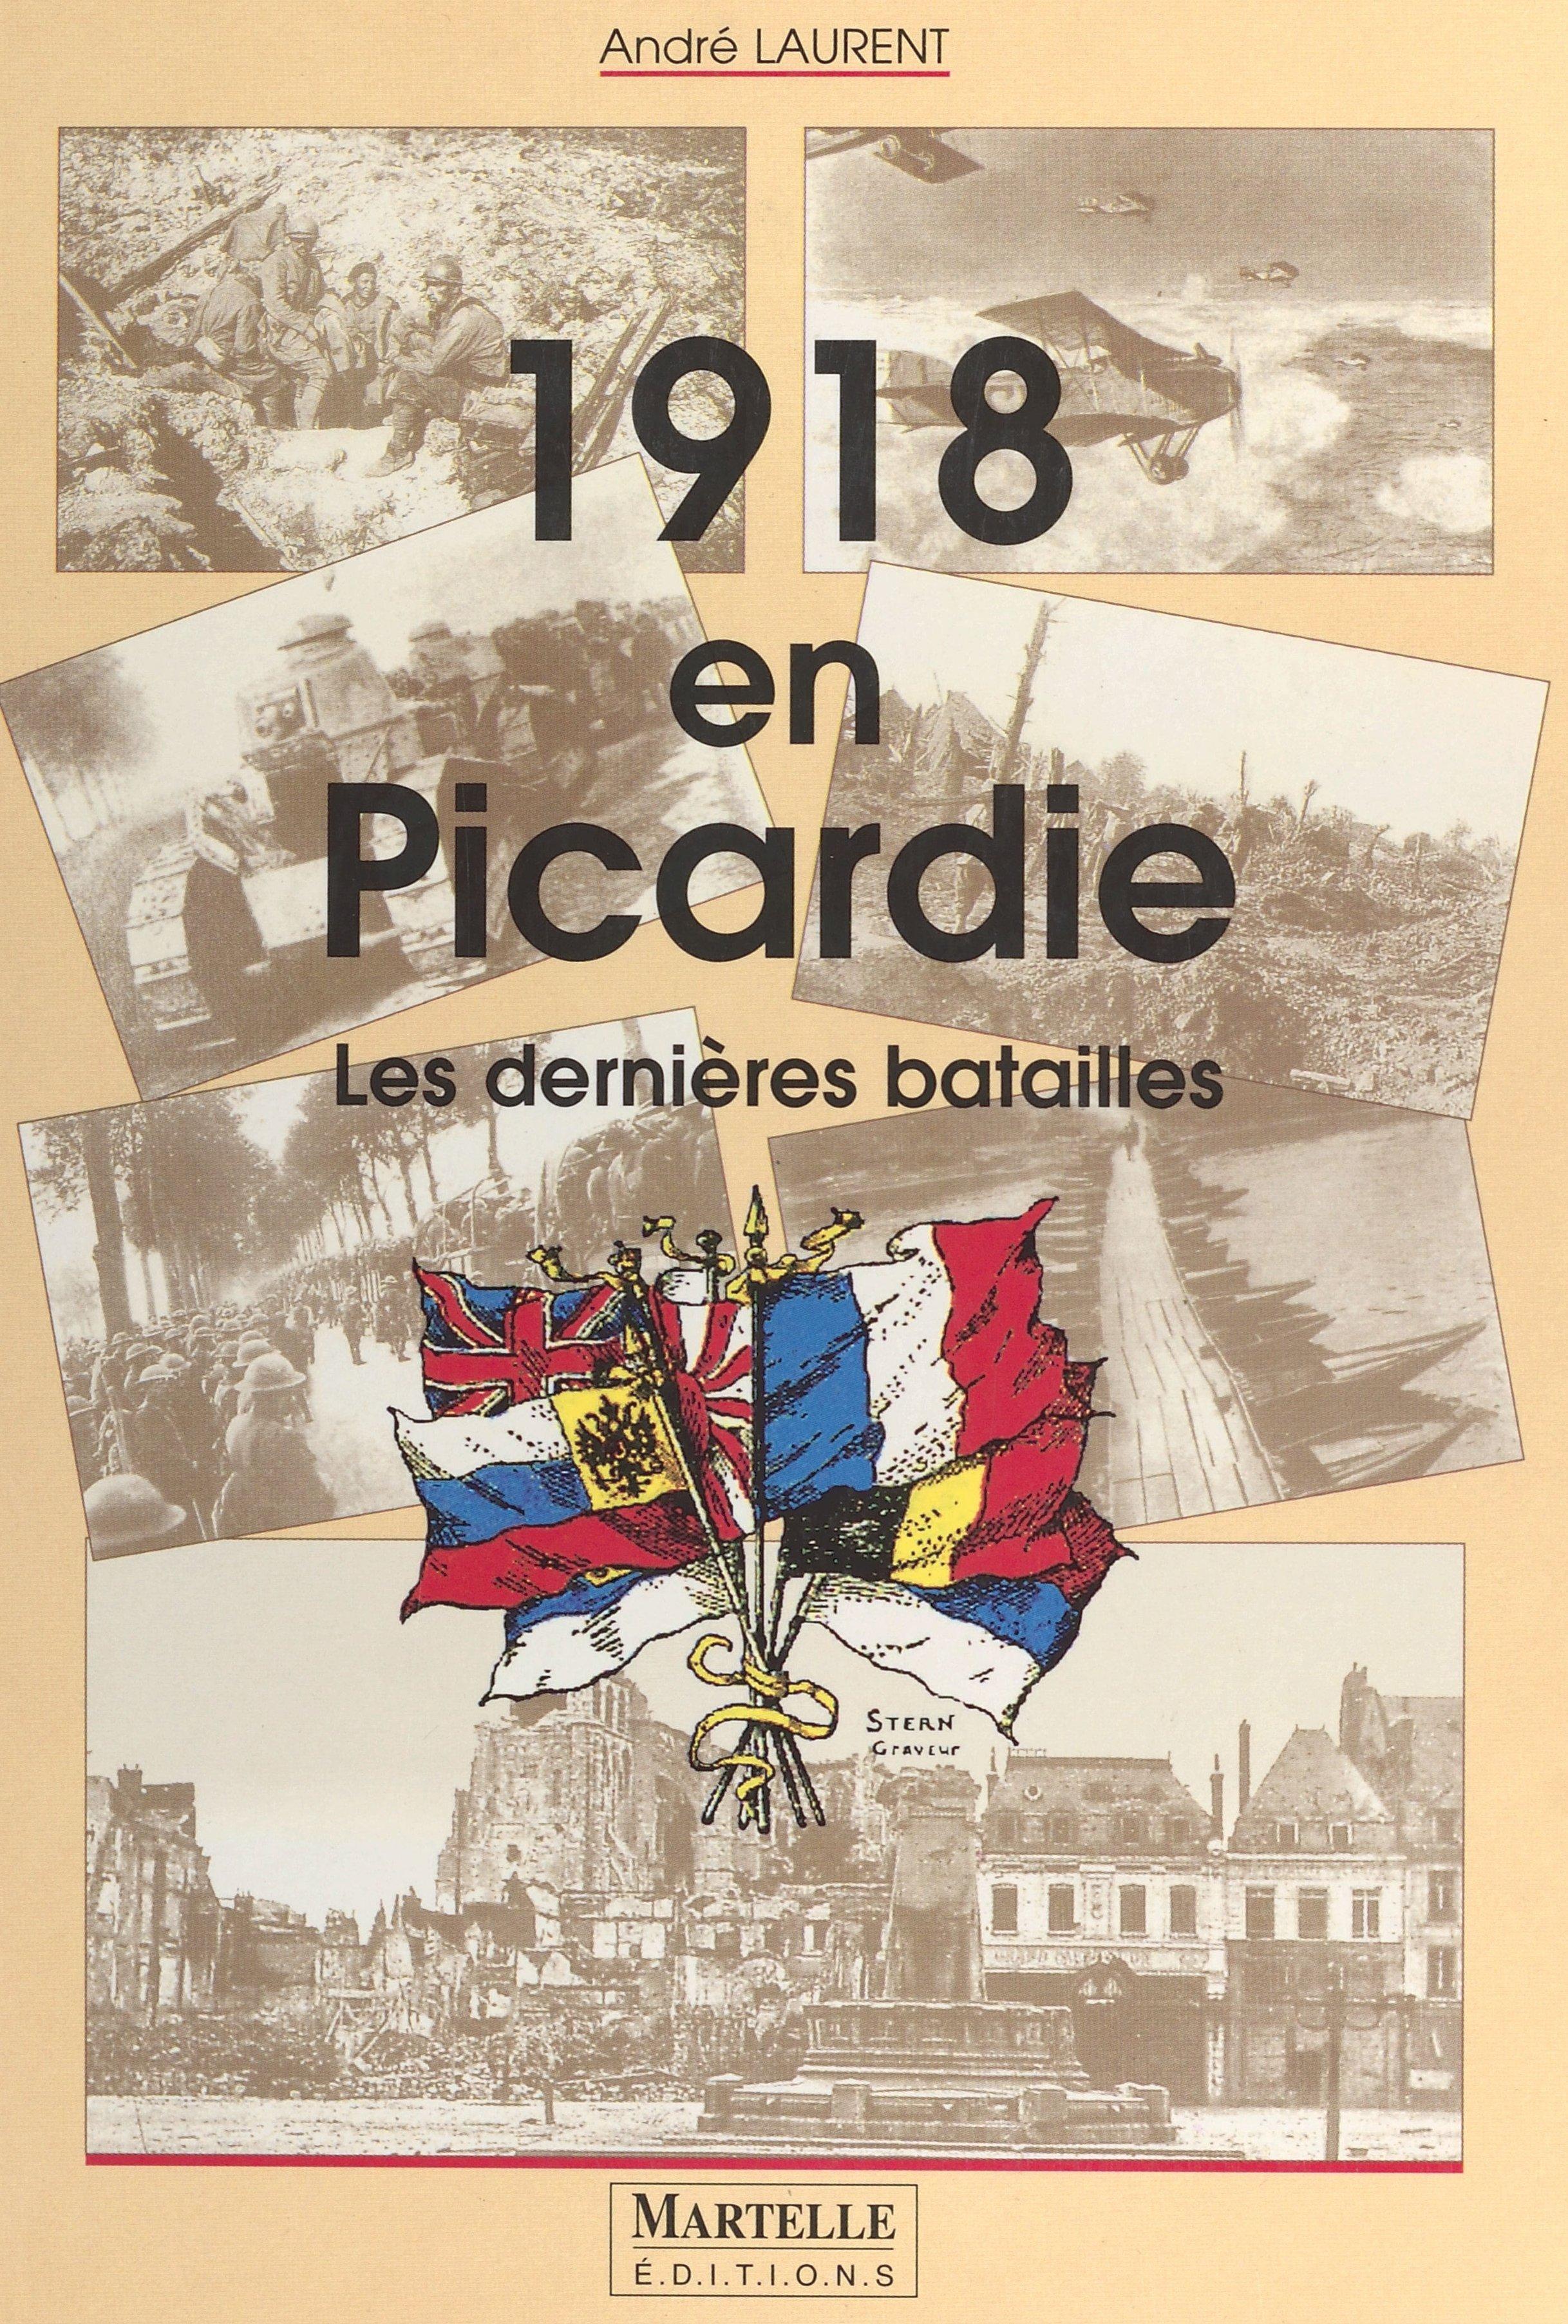 1918 en Picardie